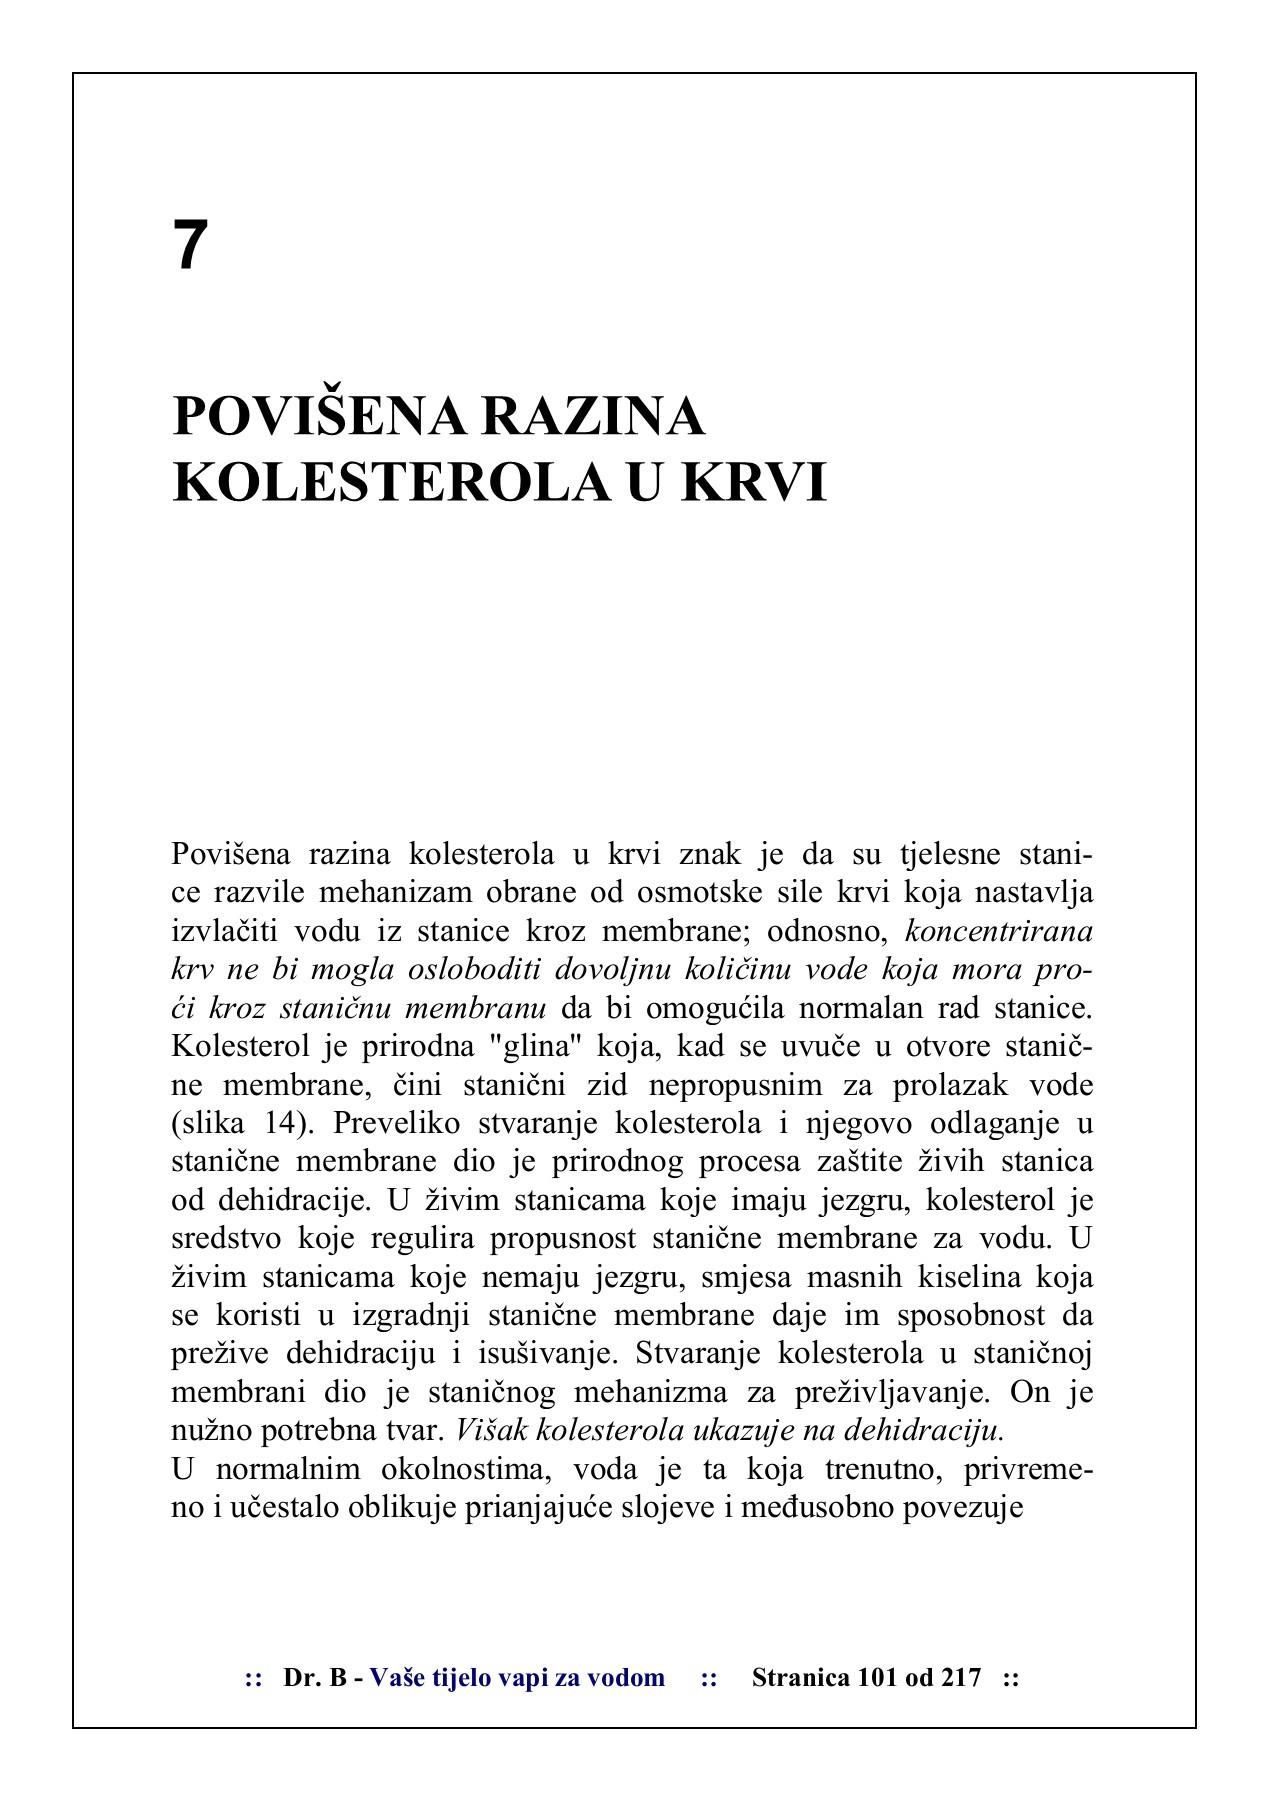 ugljena aktivirati u hipertenzije)